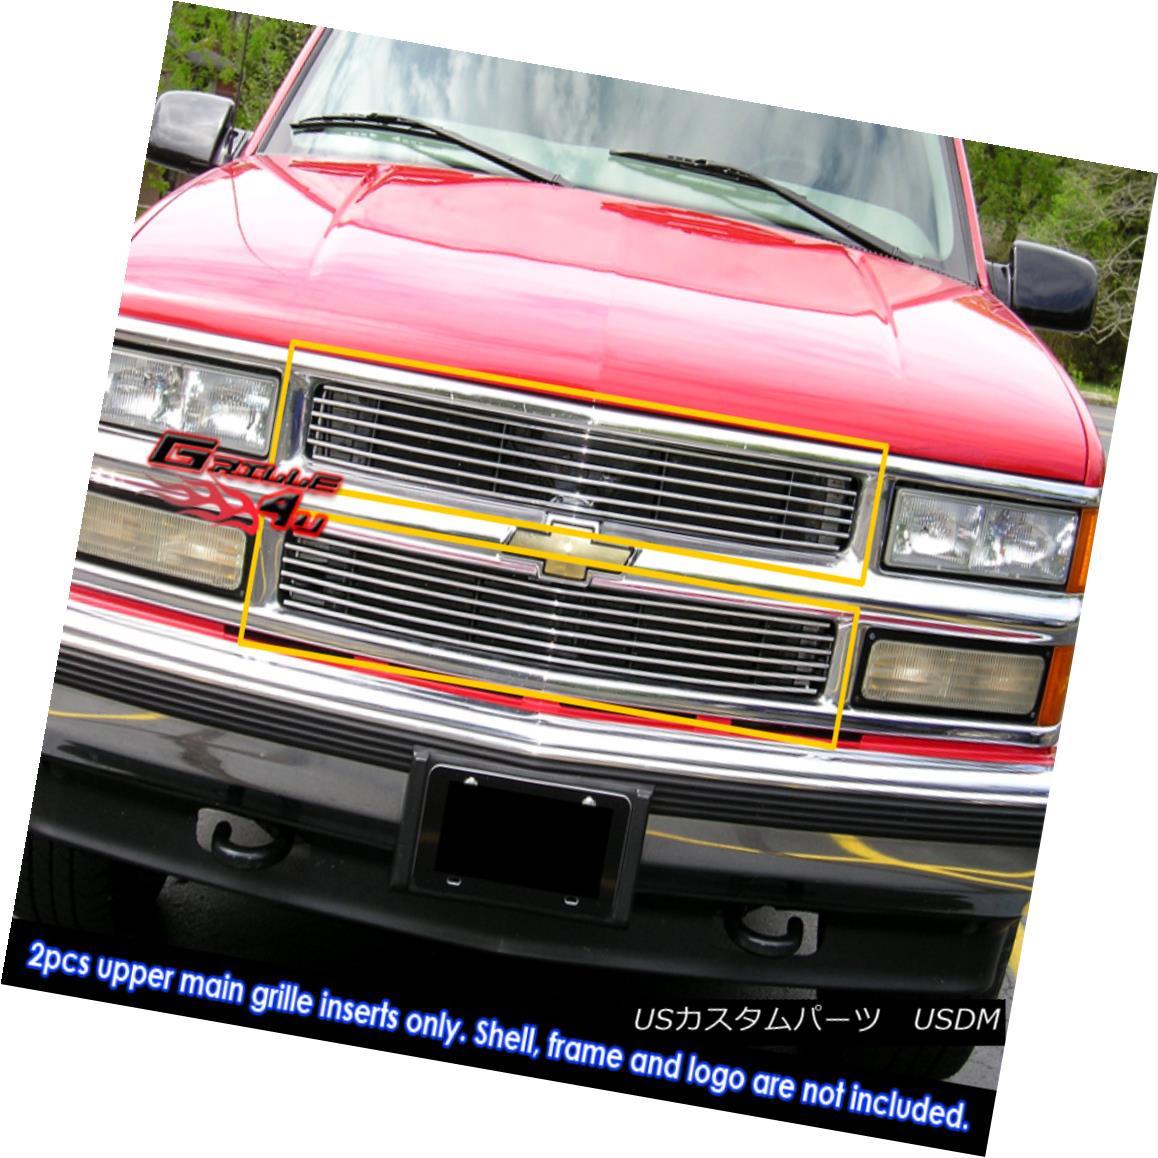 グリル Fits 1994-1999 C/K Pickup/Suburban/Blazer/Tahoe Billet Grille 1994-1999 C / K Pickup / Suburba n / Blazer / Tahoe Billet Grilleに適合